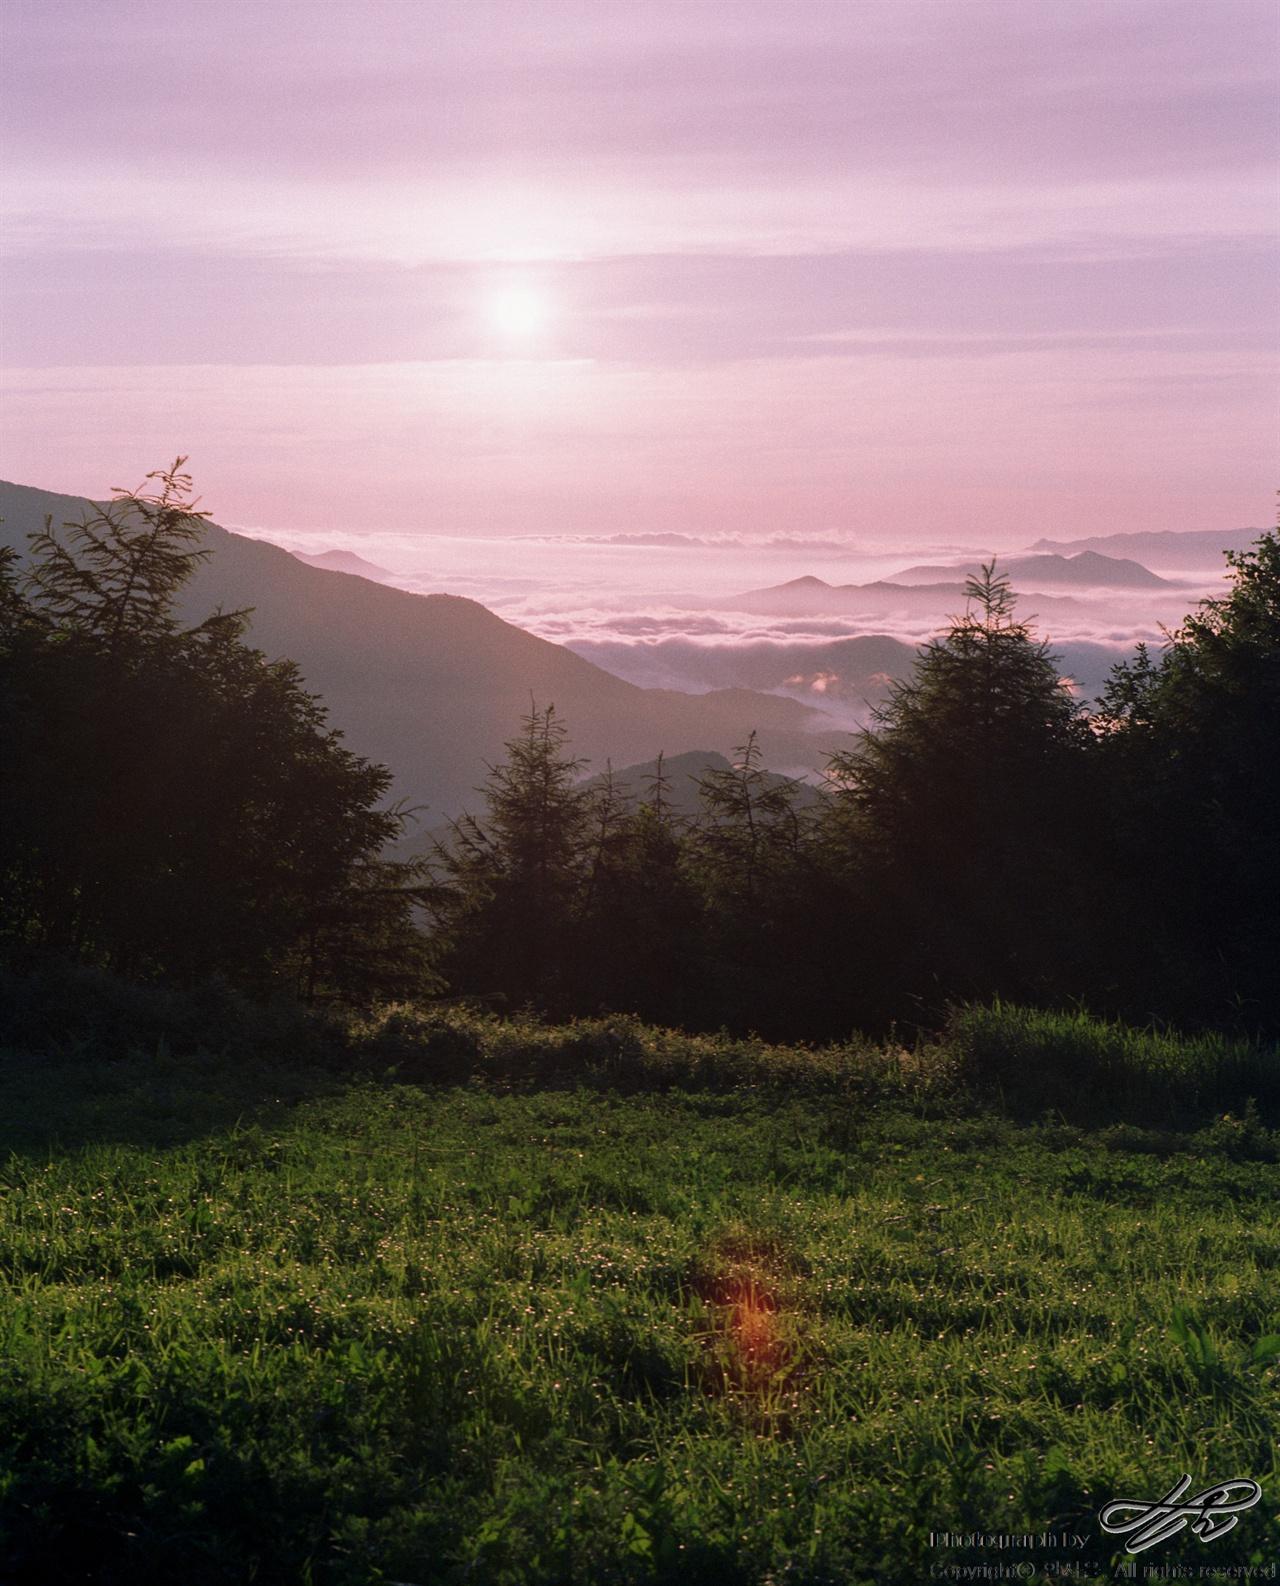 육백마지기들의 일출 (67ii/Pro160NS)분홍빛 하늘과 사광에 비친 녹색 식물, 나무의 실루엣과 하얗게 빛나는 구름들. 사진으로는 다 표현하지 못한 당시의 벅찬 광경이 눈 앞에 선하다.